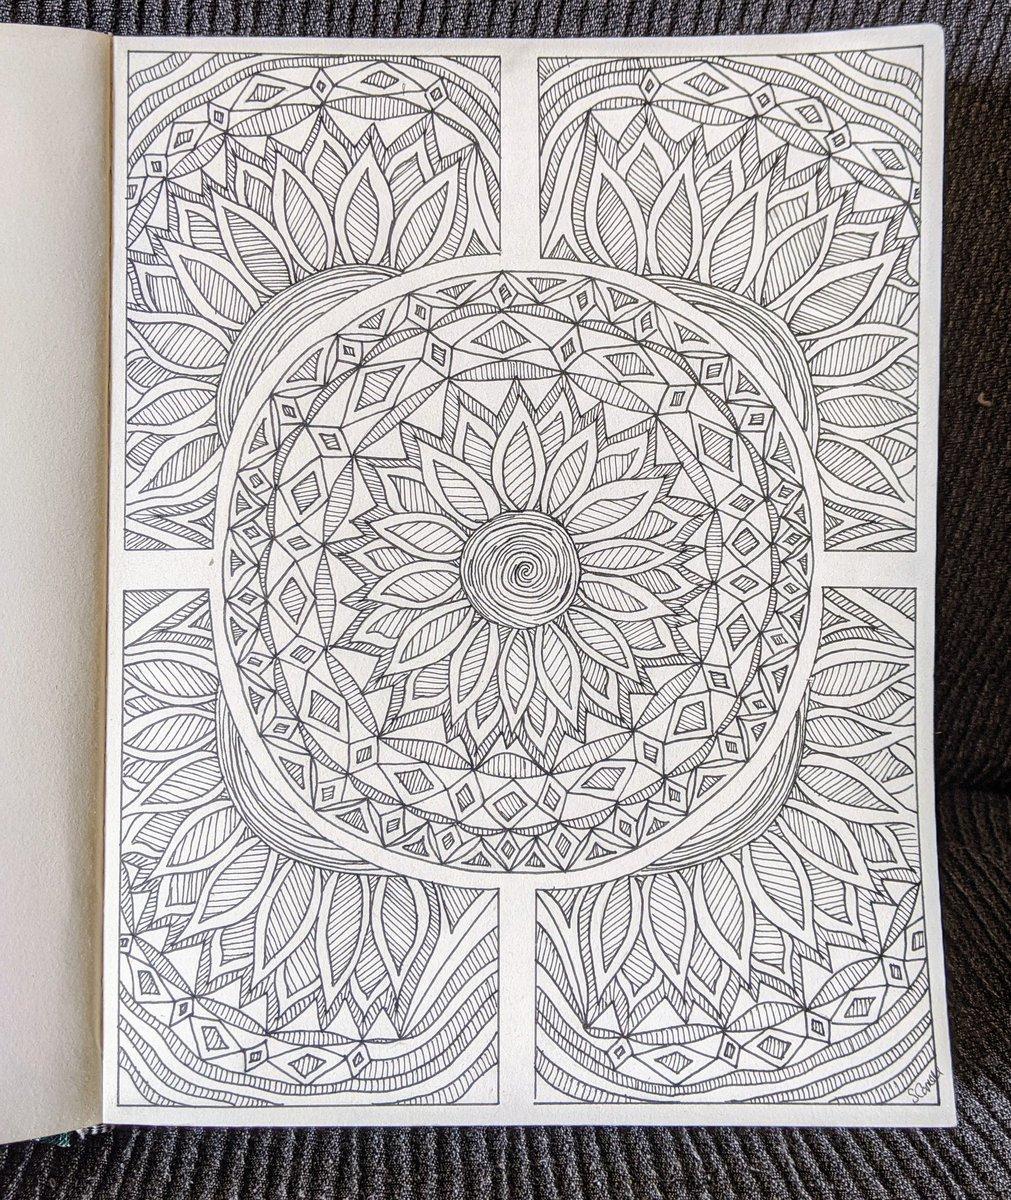 Finally Finished it. :) #pen #penart #patternpic.twitter.com/dA2eWtyDzd